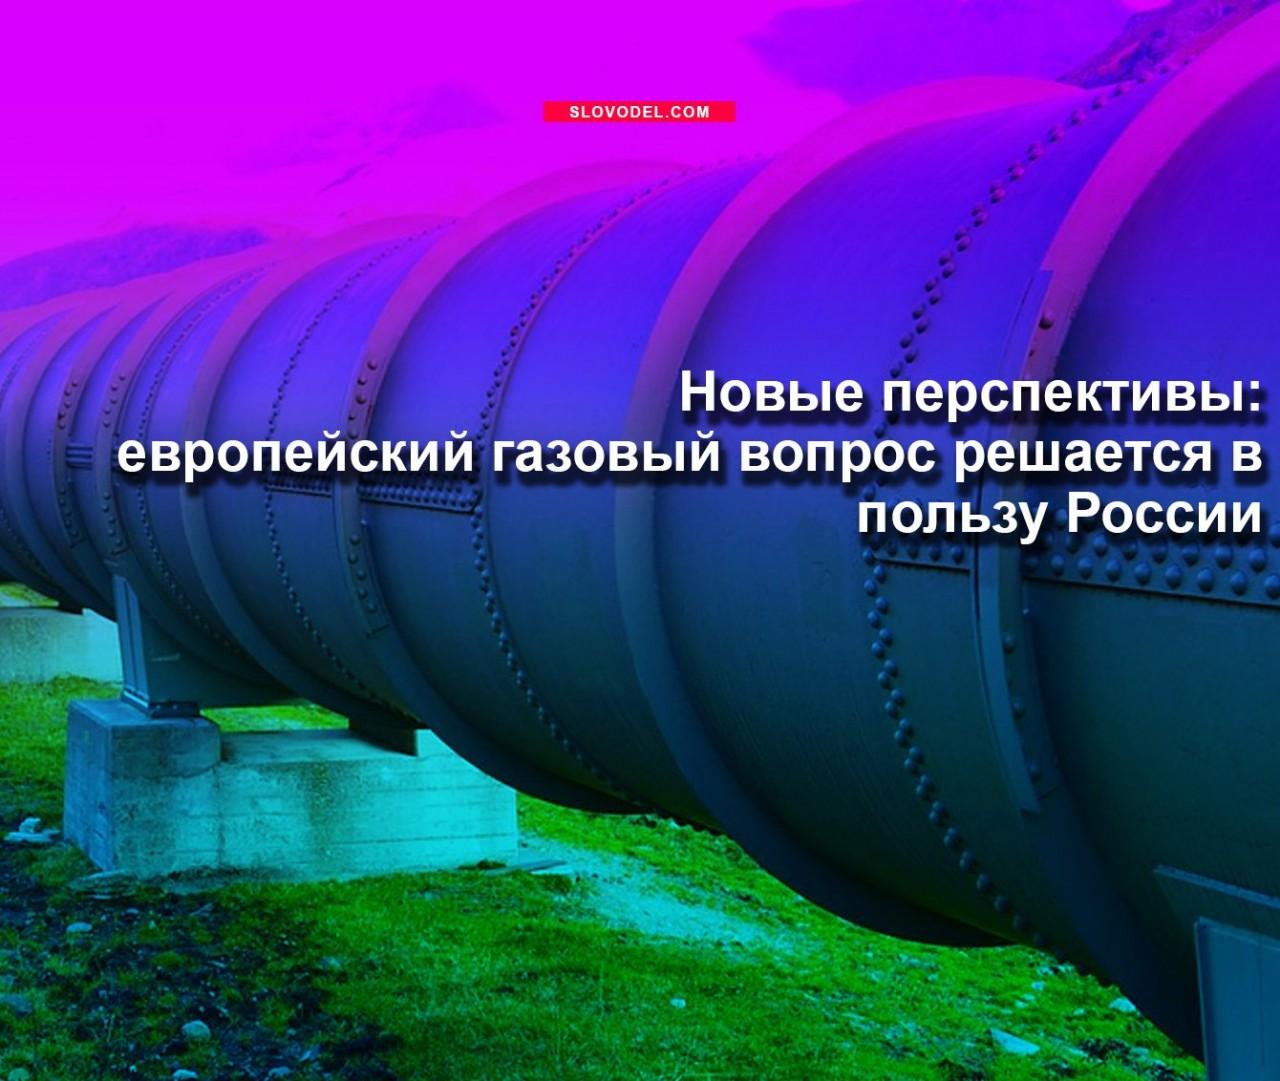 Новые перспективы: европейский газовый вопрос решается в пользу России